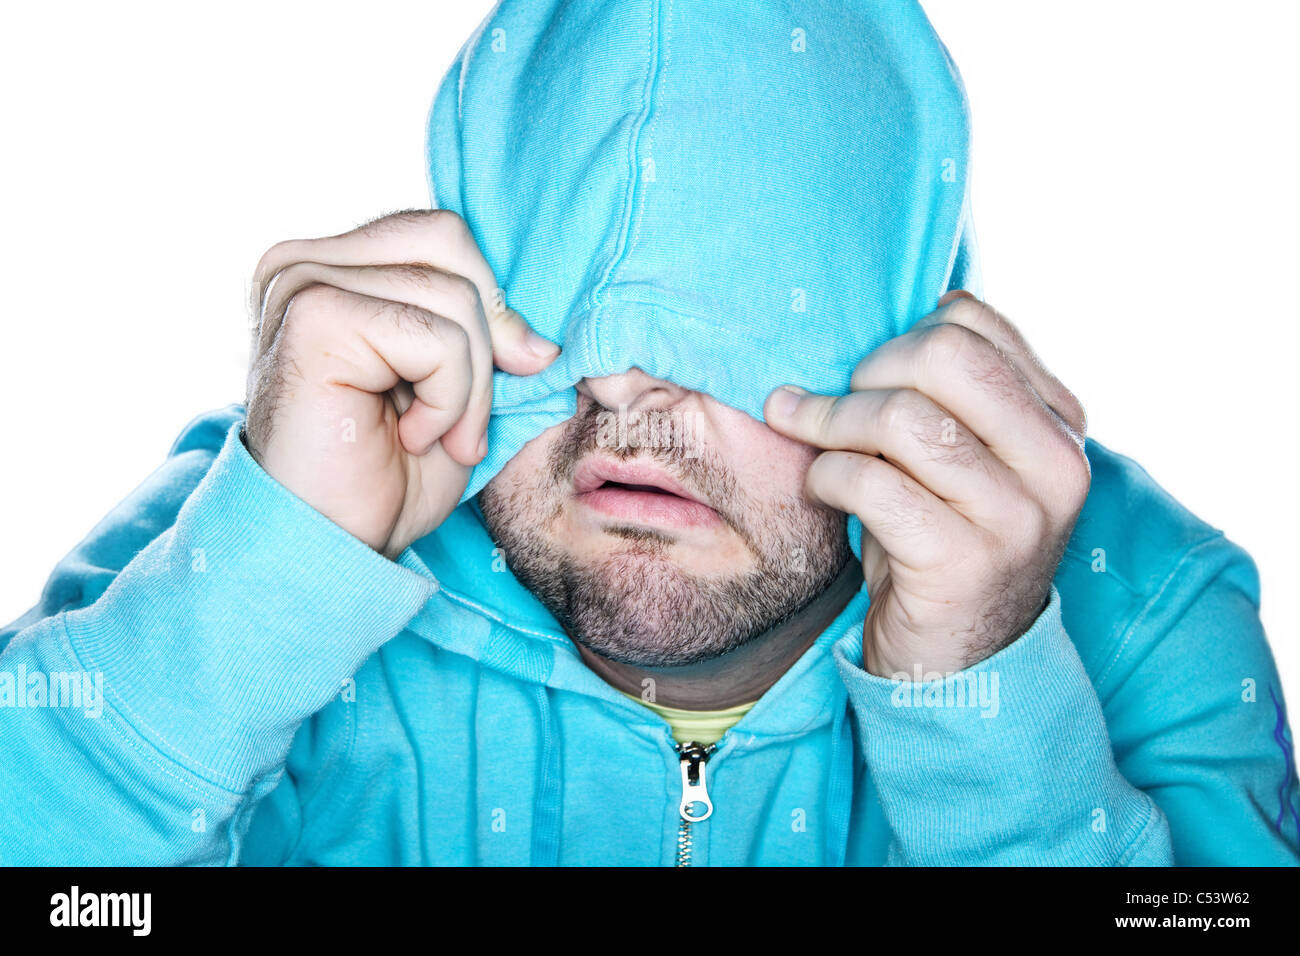 Scruffy uomo tirando un luminoso felpa con cappuccio blu sul suo volto, con un espressione da commedia. Immagini Stock